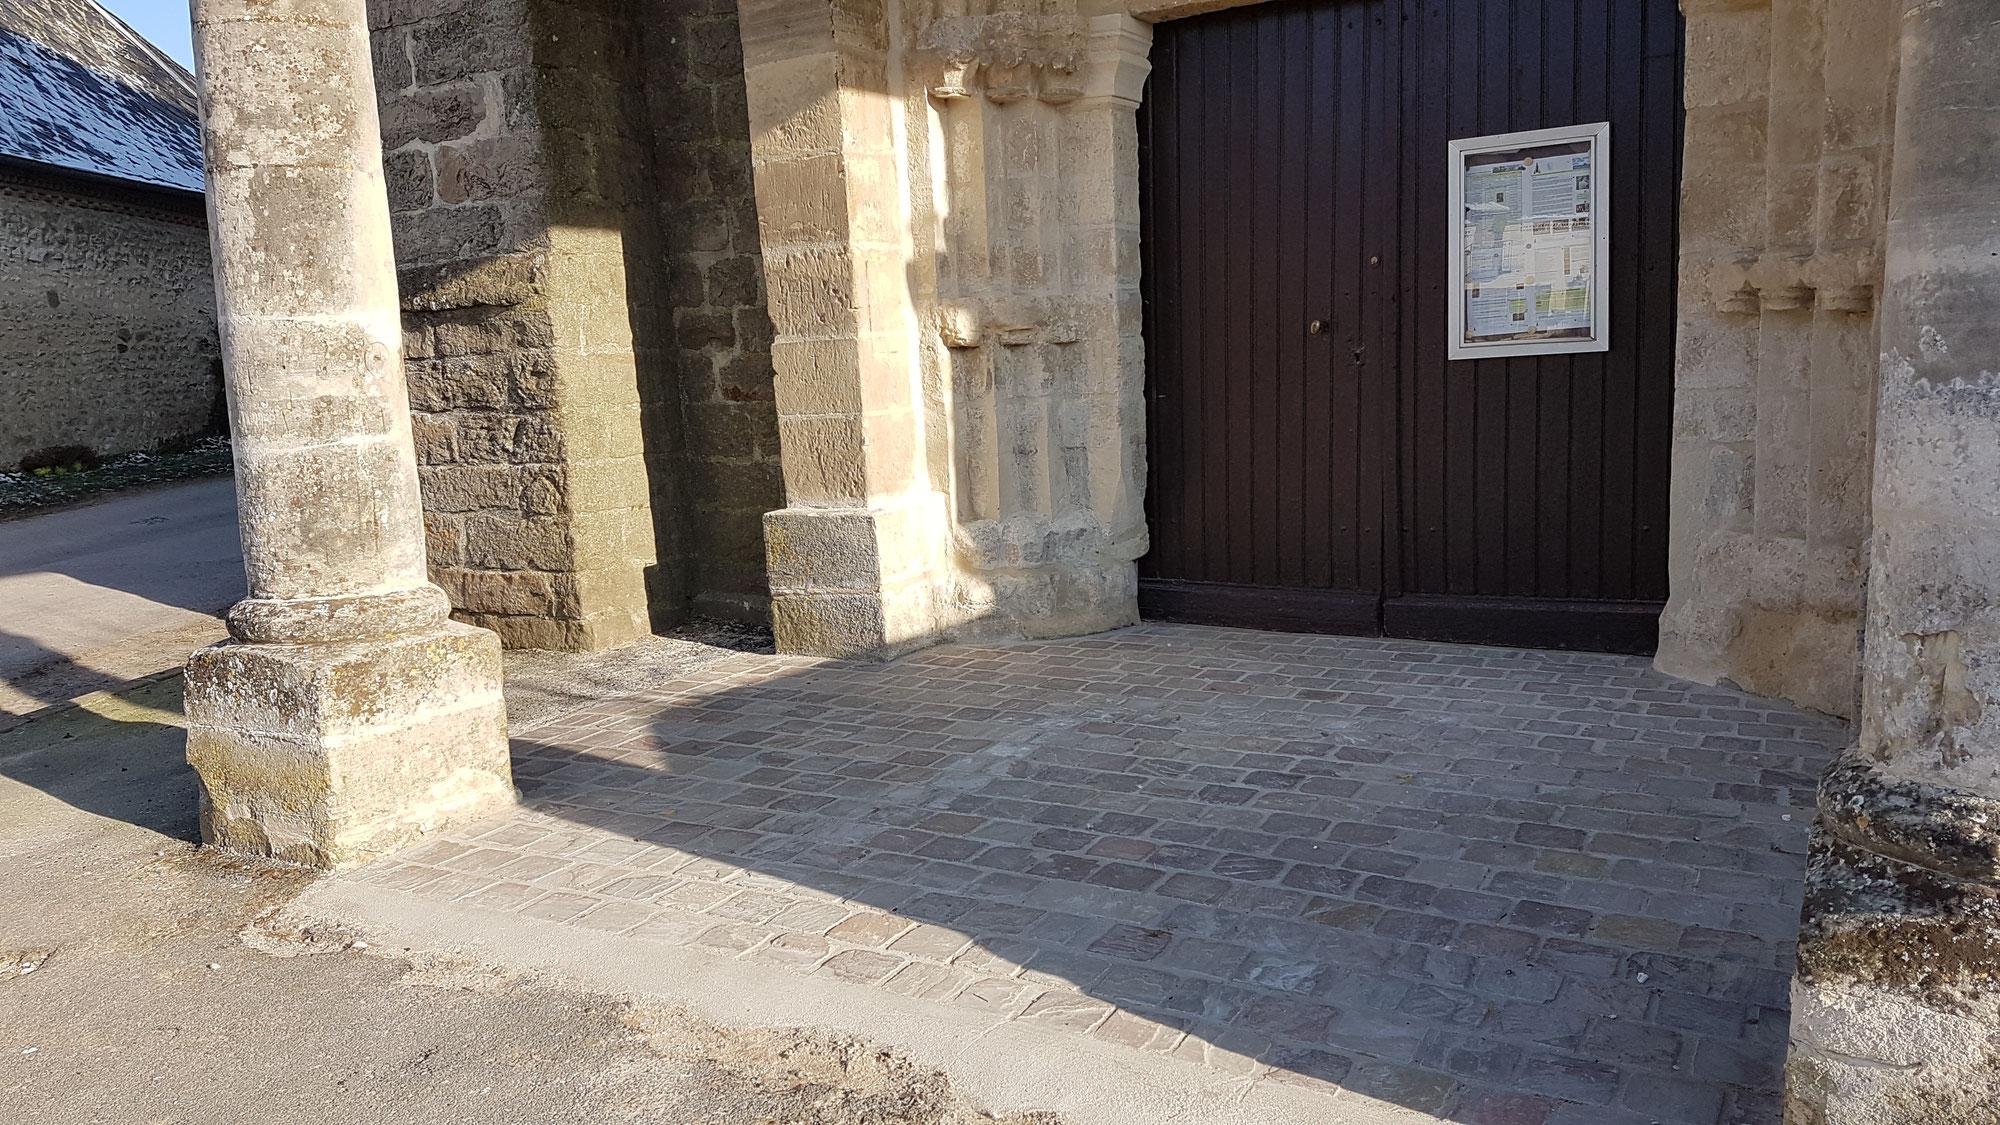 Rénovation du porche de l'église de Grandlup-et-Fay